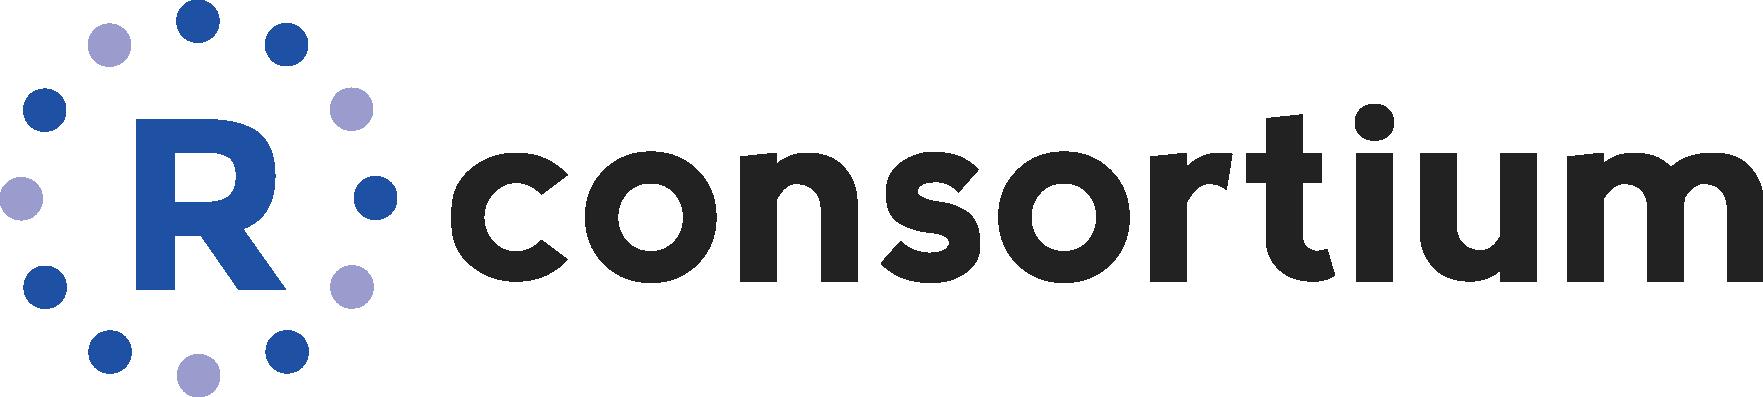 RConsortium_Horizontal_Pantone